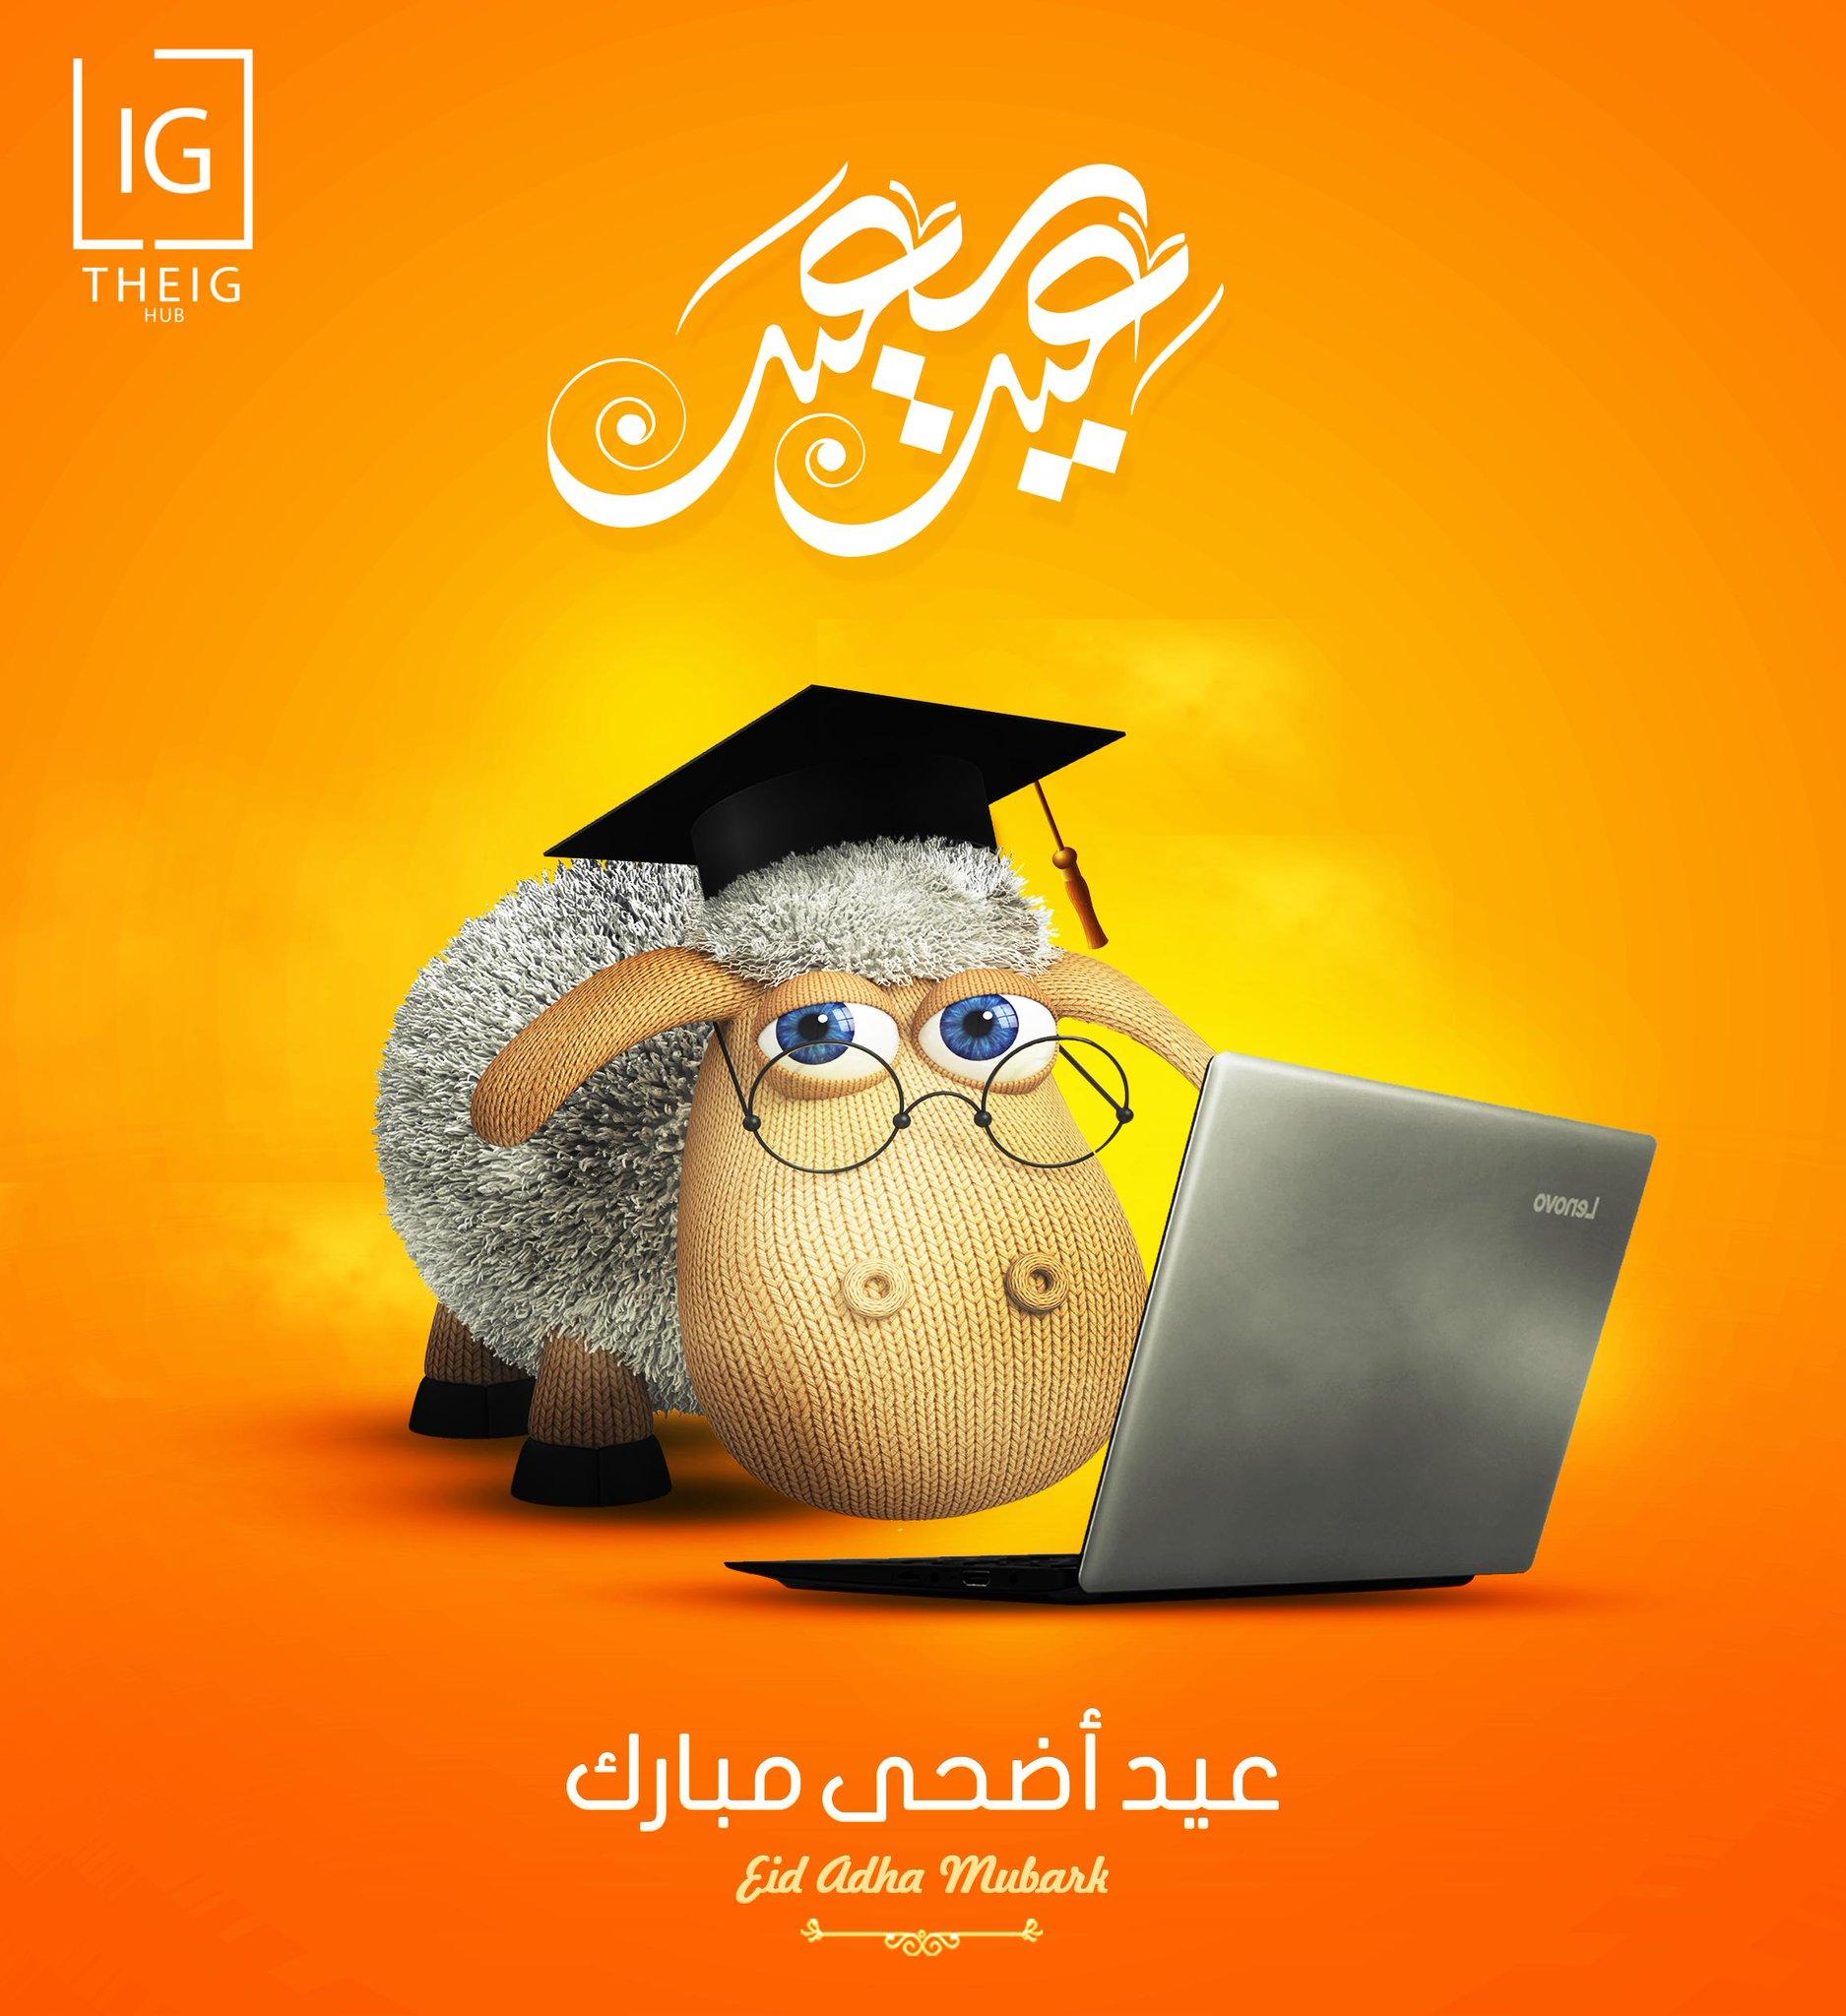 تصميمات سوشيال ميديا لأضحية عيد الأضحي للصفحة الرسمية لجمعية